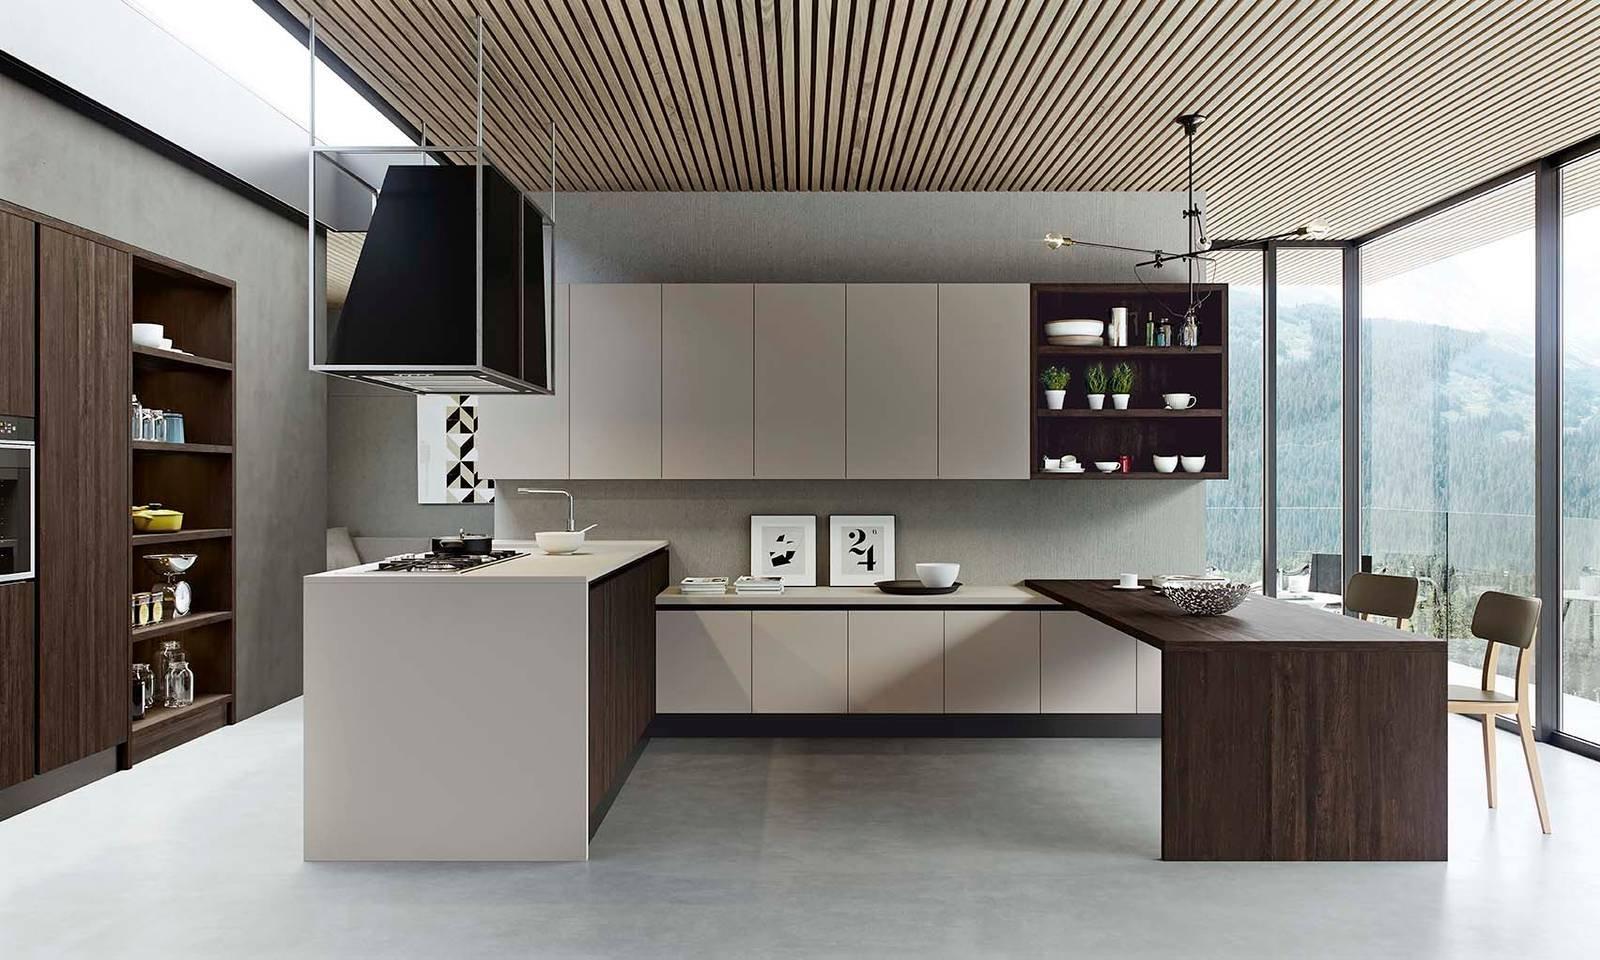 Cucine con il piano in laminato cose di casa - Cucine con finestra ...